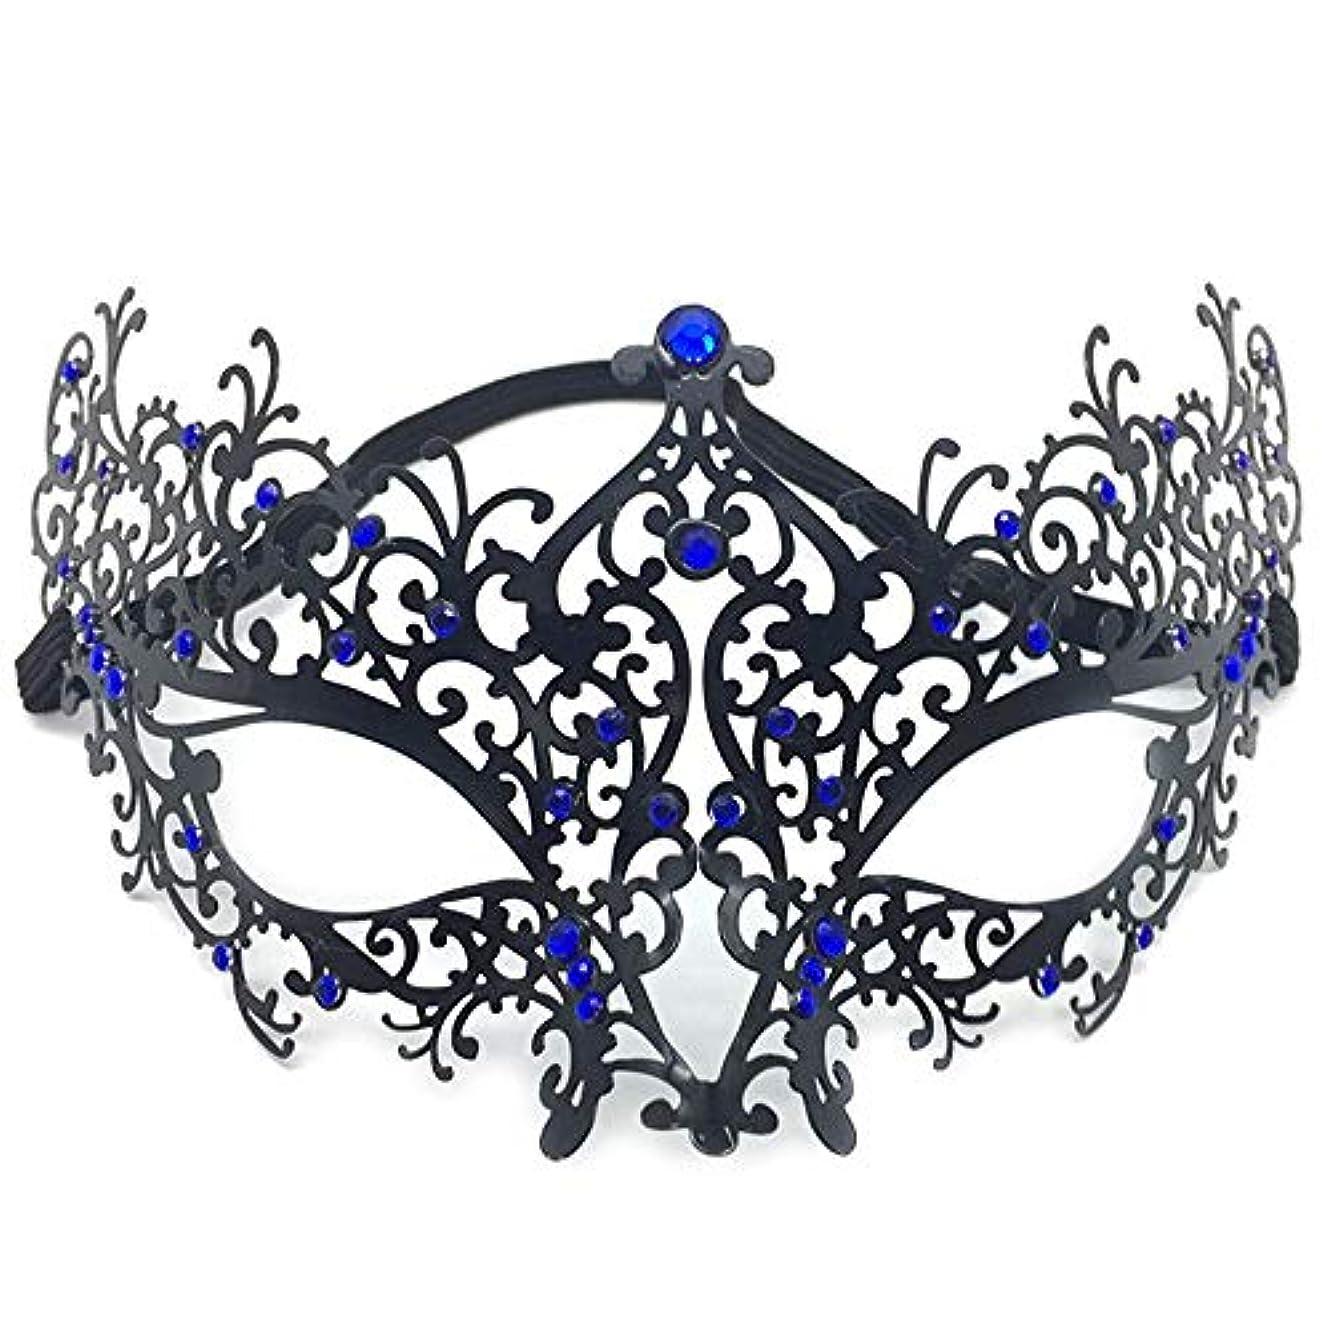 蒸し器チューリップ調停する仮面舞踏会アイアンマスクパーティーCOSはメタリックダイヤモンドハーフフェイスハロウィンアイアンマスクをドレスアップ (Color : B)